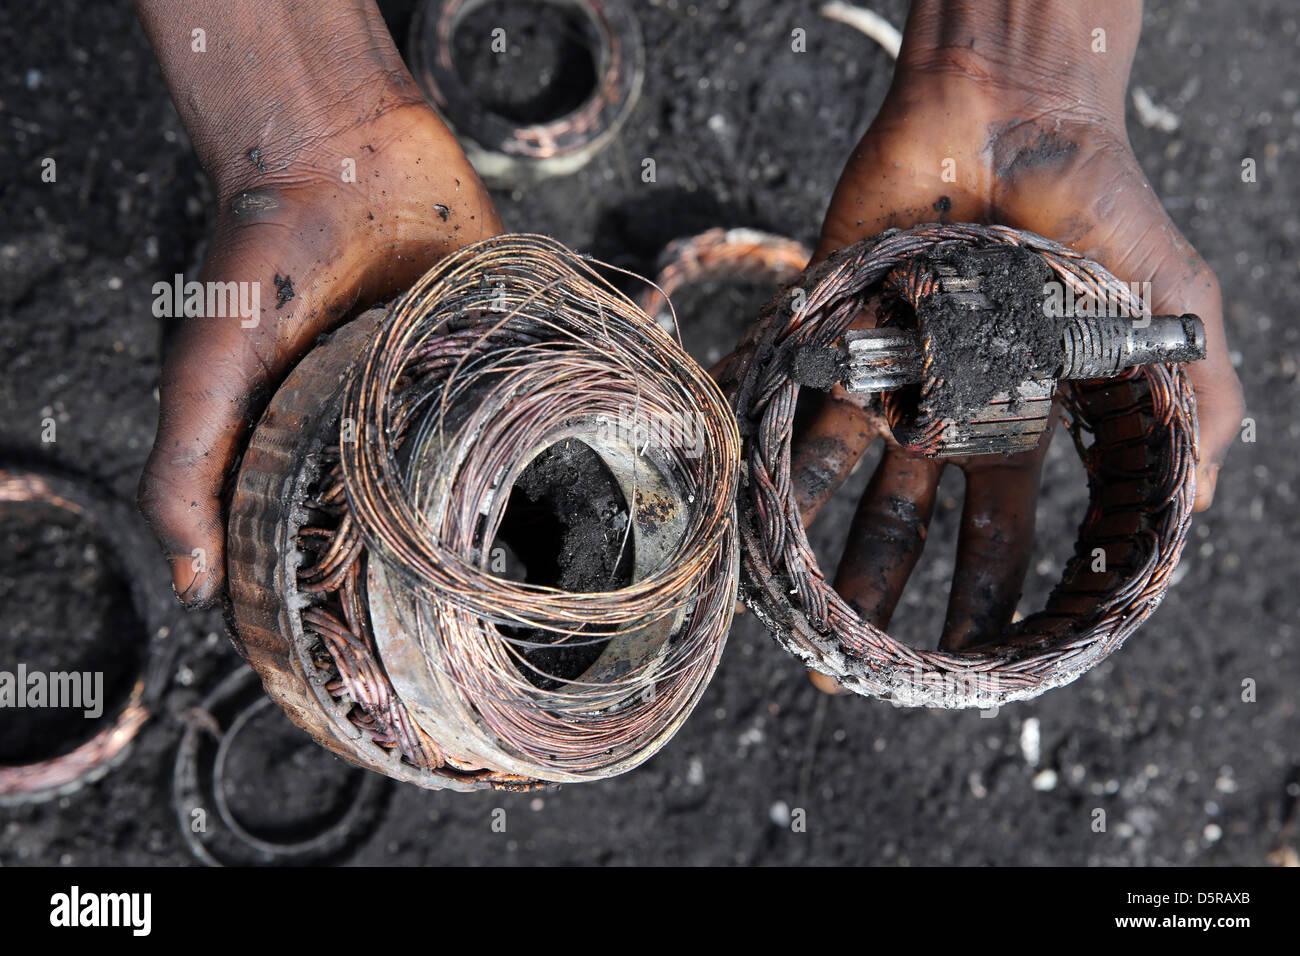 Bobinages de cuivre exposés par le feu à partir d'une électronique. Agbogbloshie site pour brûler Photo Stock